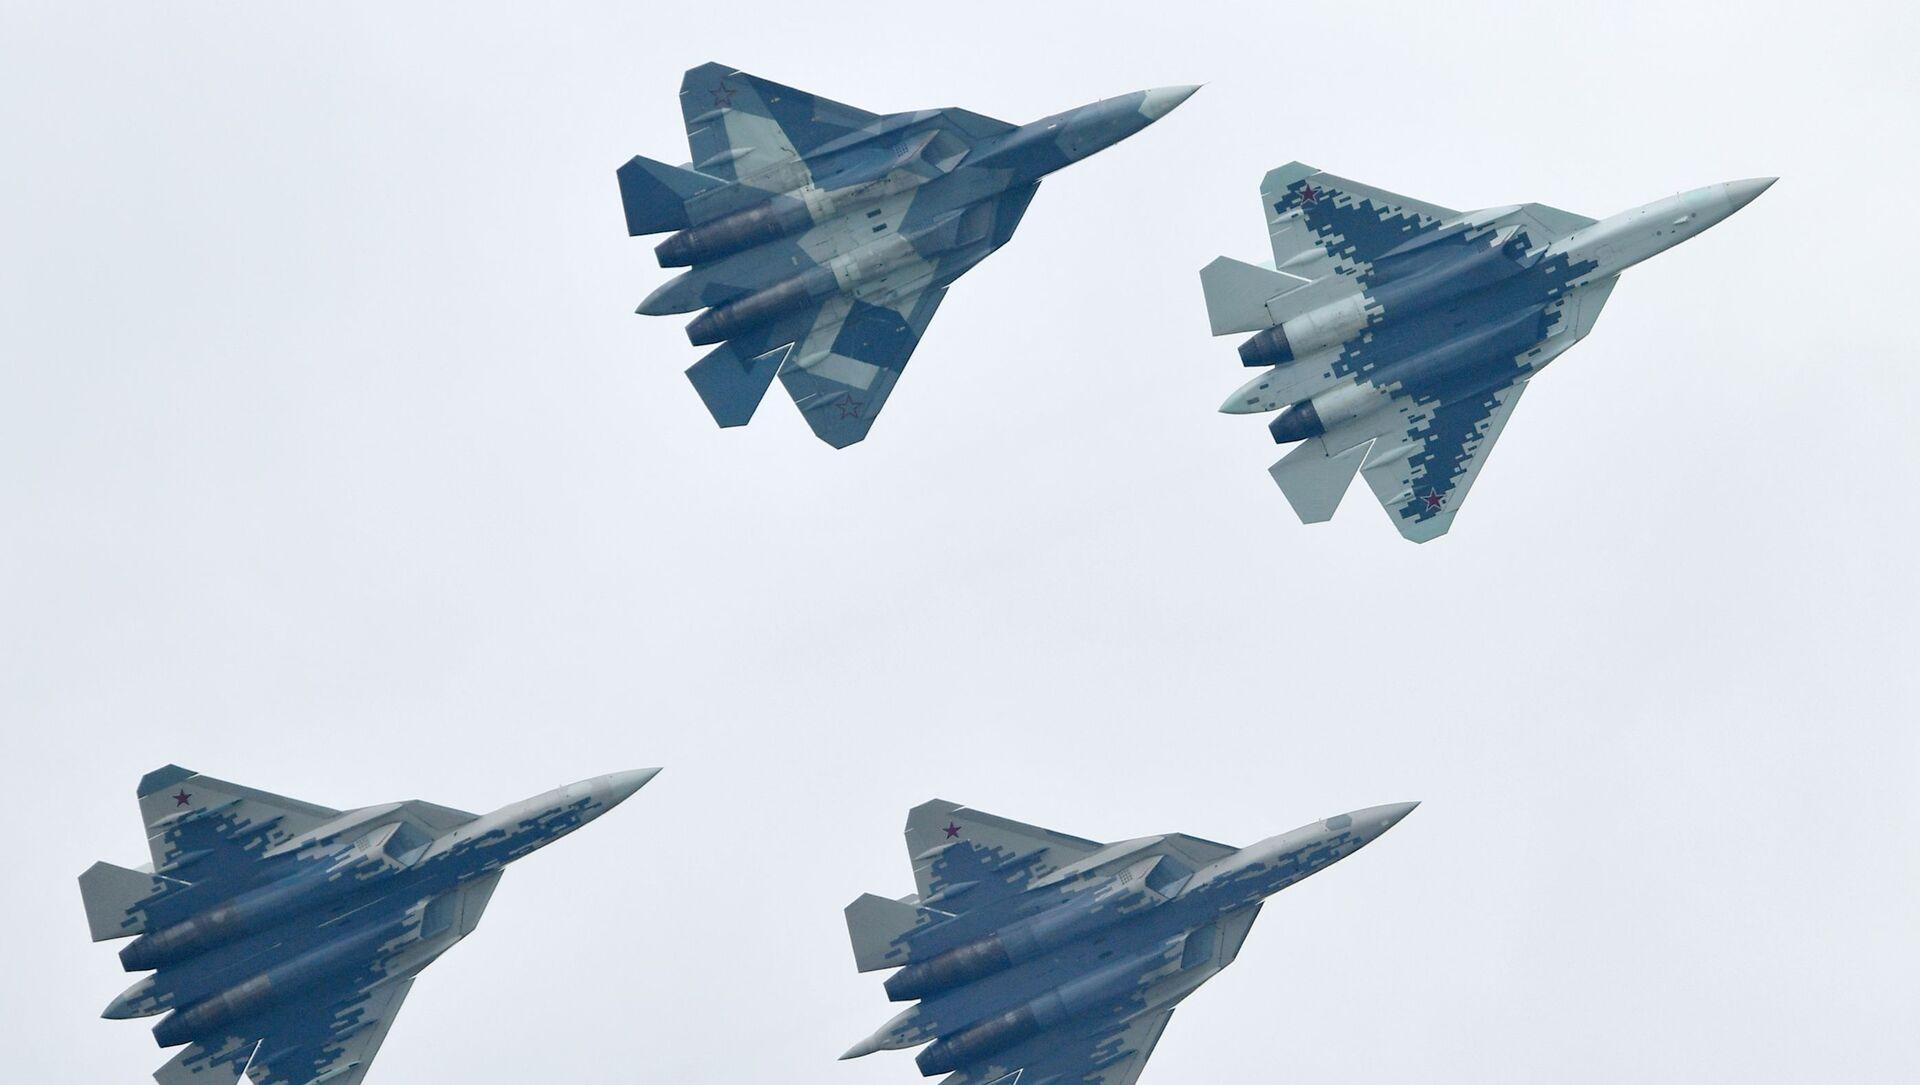 Rosyjskie myśliwce piątego pokolenia Su-57 na Międzynarodowym Salonie Lotniczym i Kosmicznym MAKS 2019  - Sputnik Polska, 1920, 21.04.2021